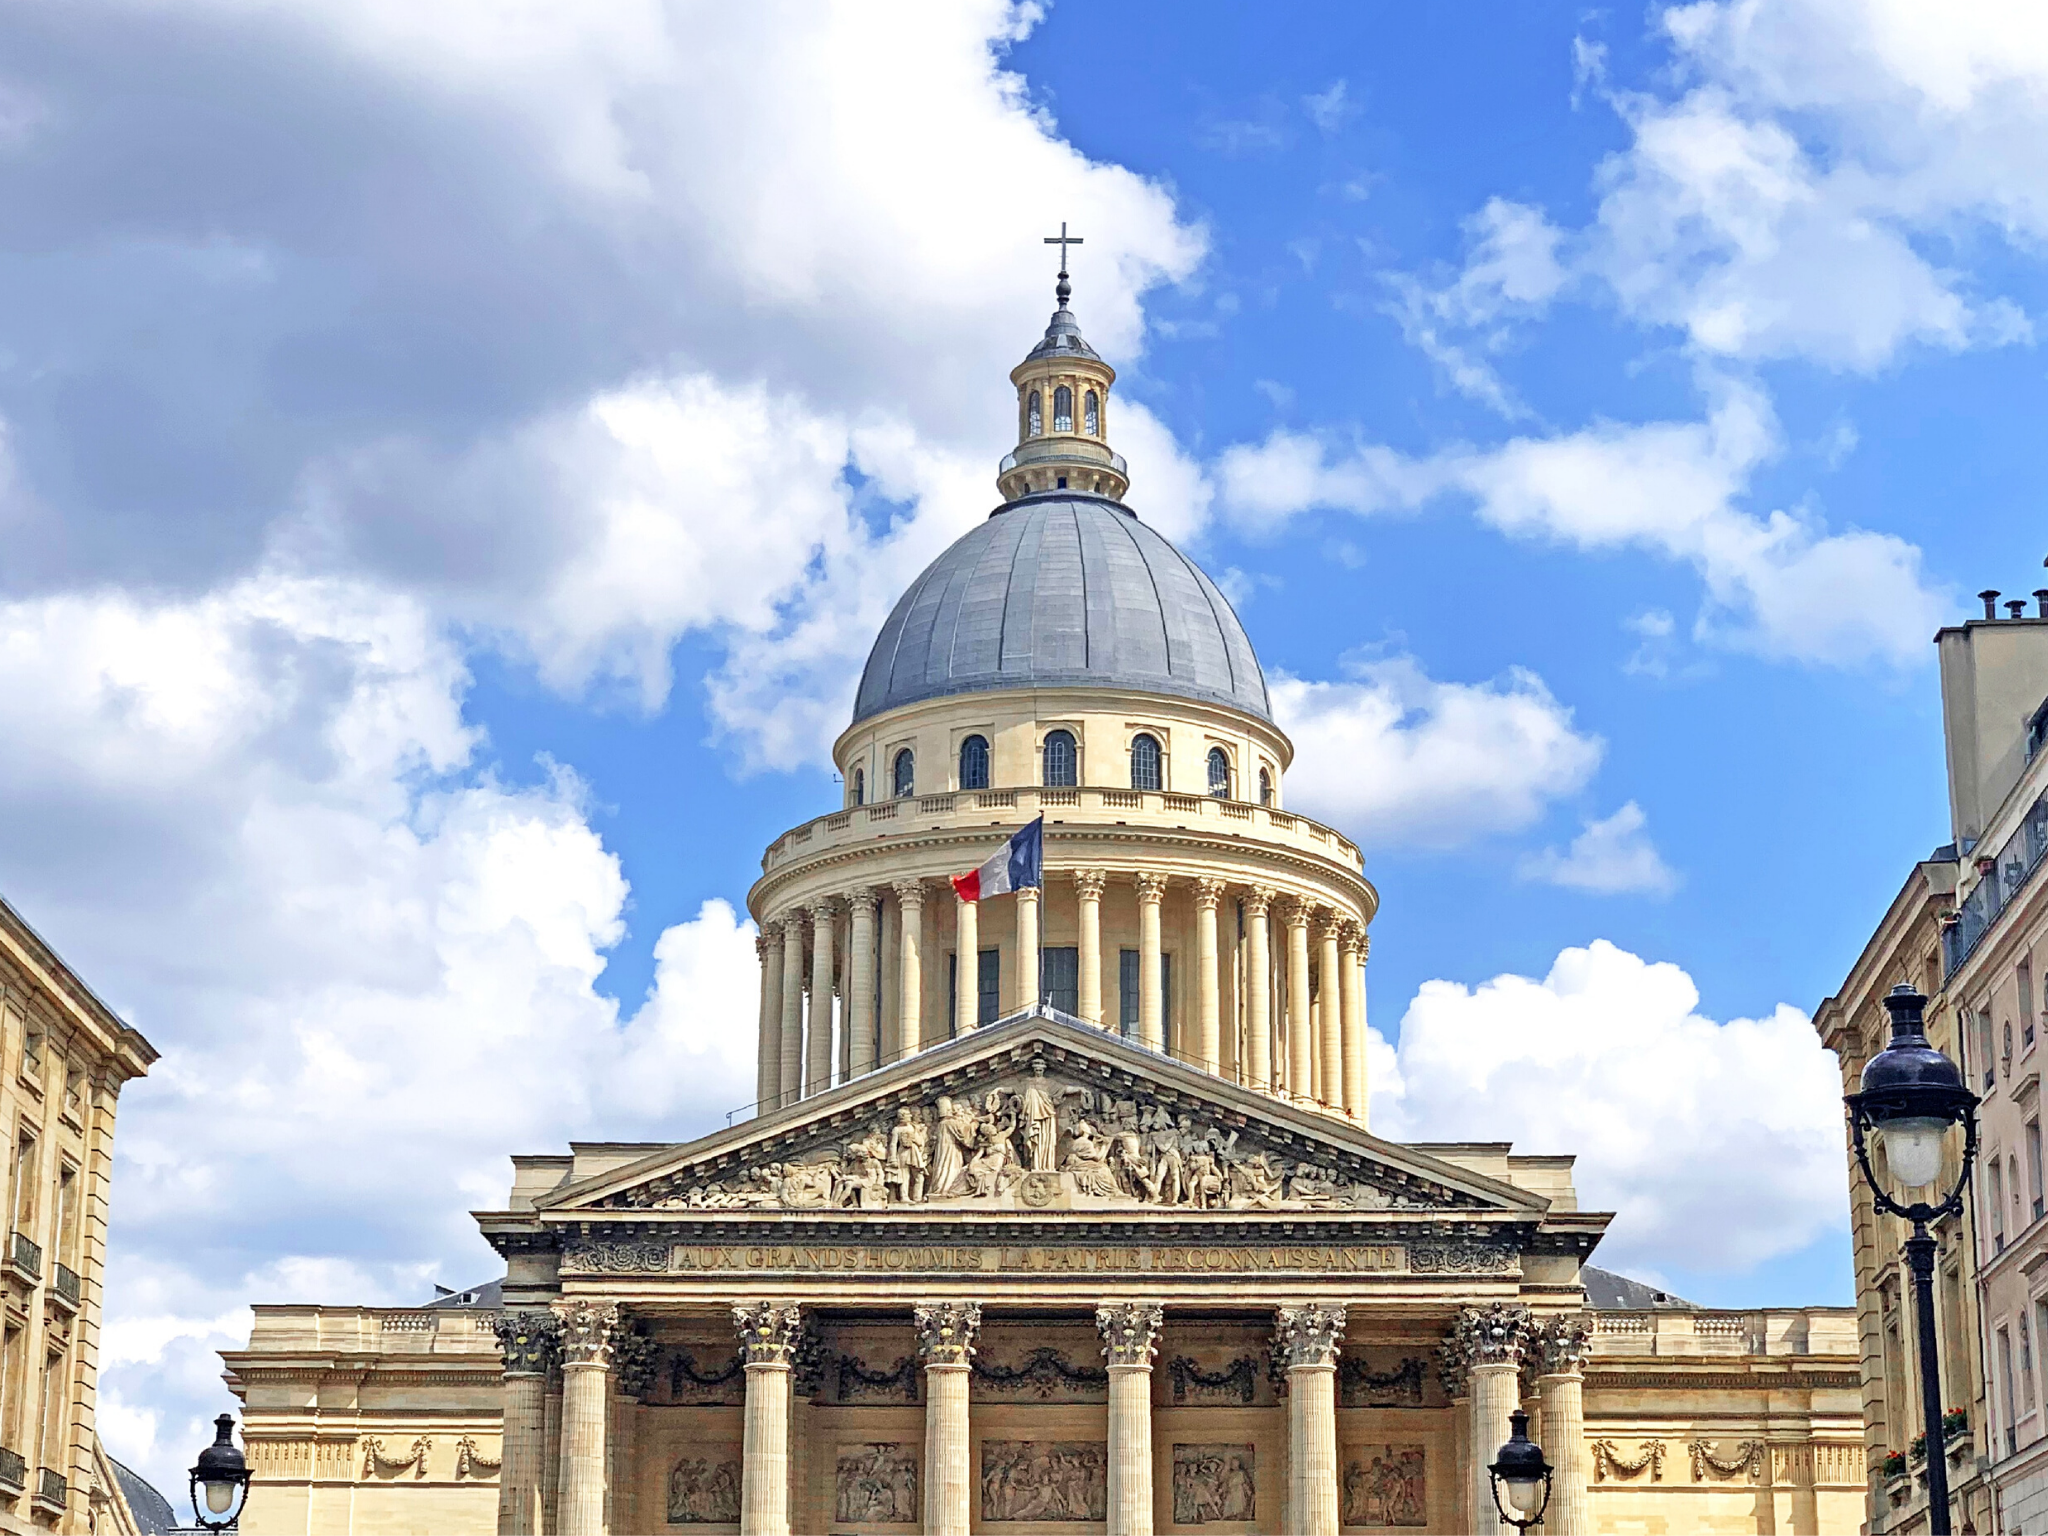 Paris' Panthéon